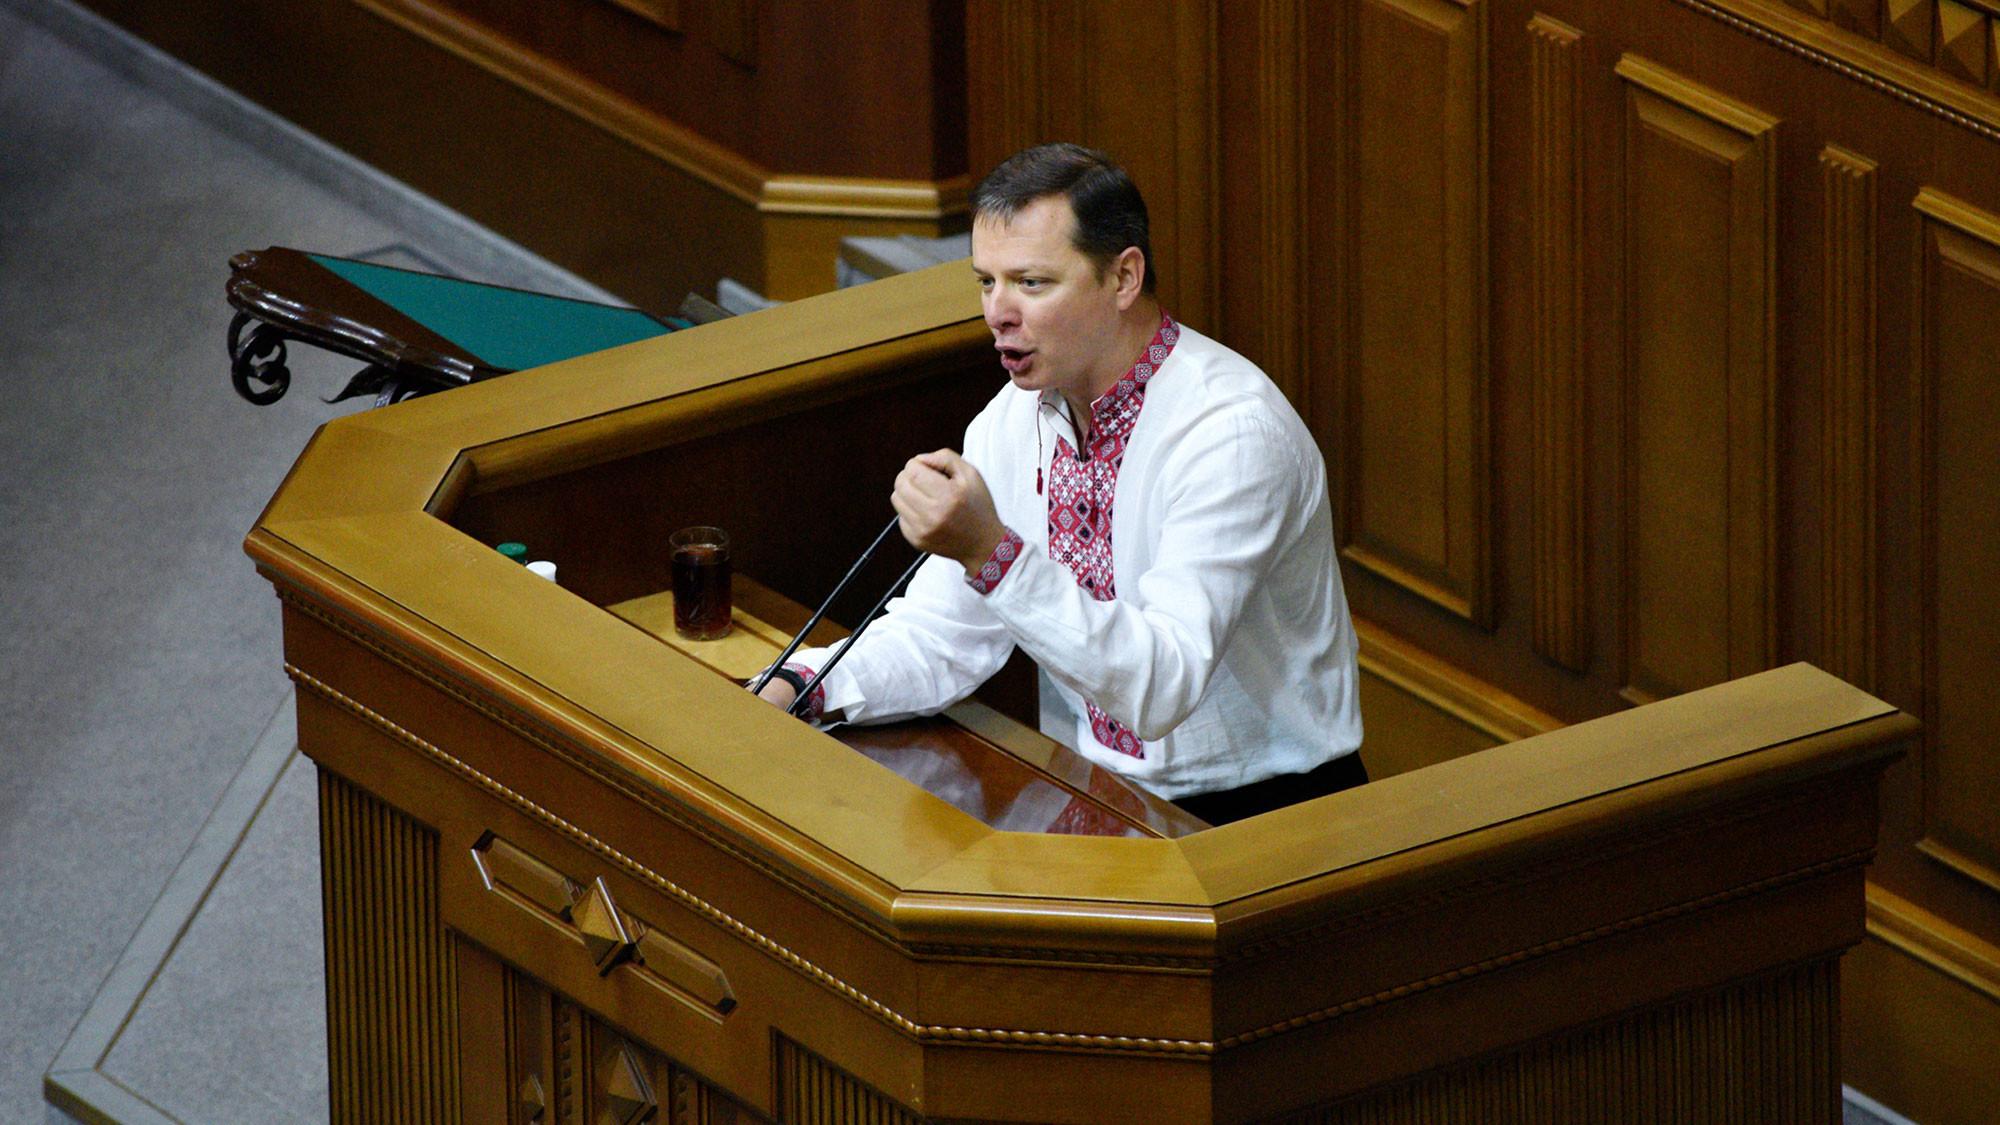 Лидер фракции Радикальной партии Олег Ляшко выступает на заседании Верховной рады Украины в Киеве. Фото: © РИА Новости / Стрингер